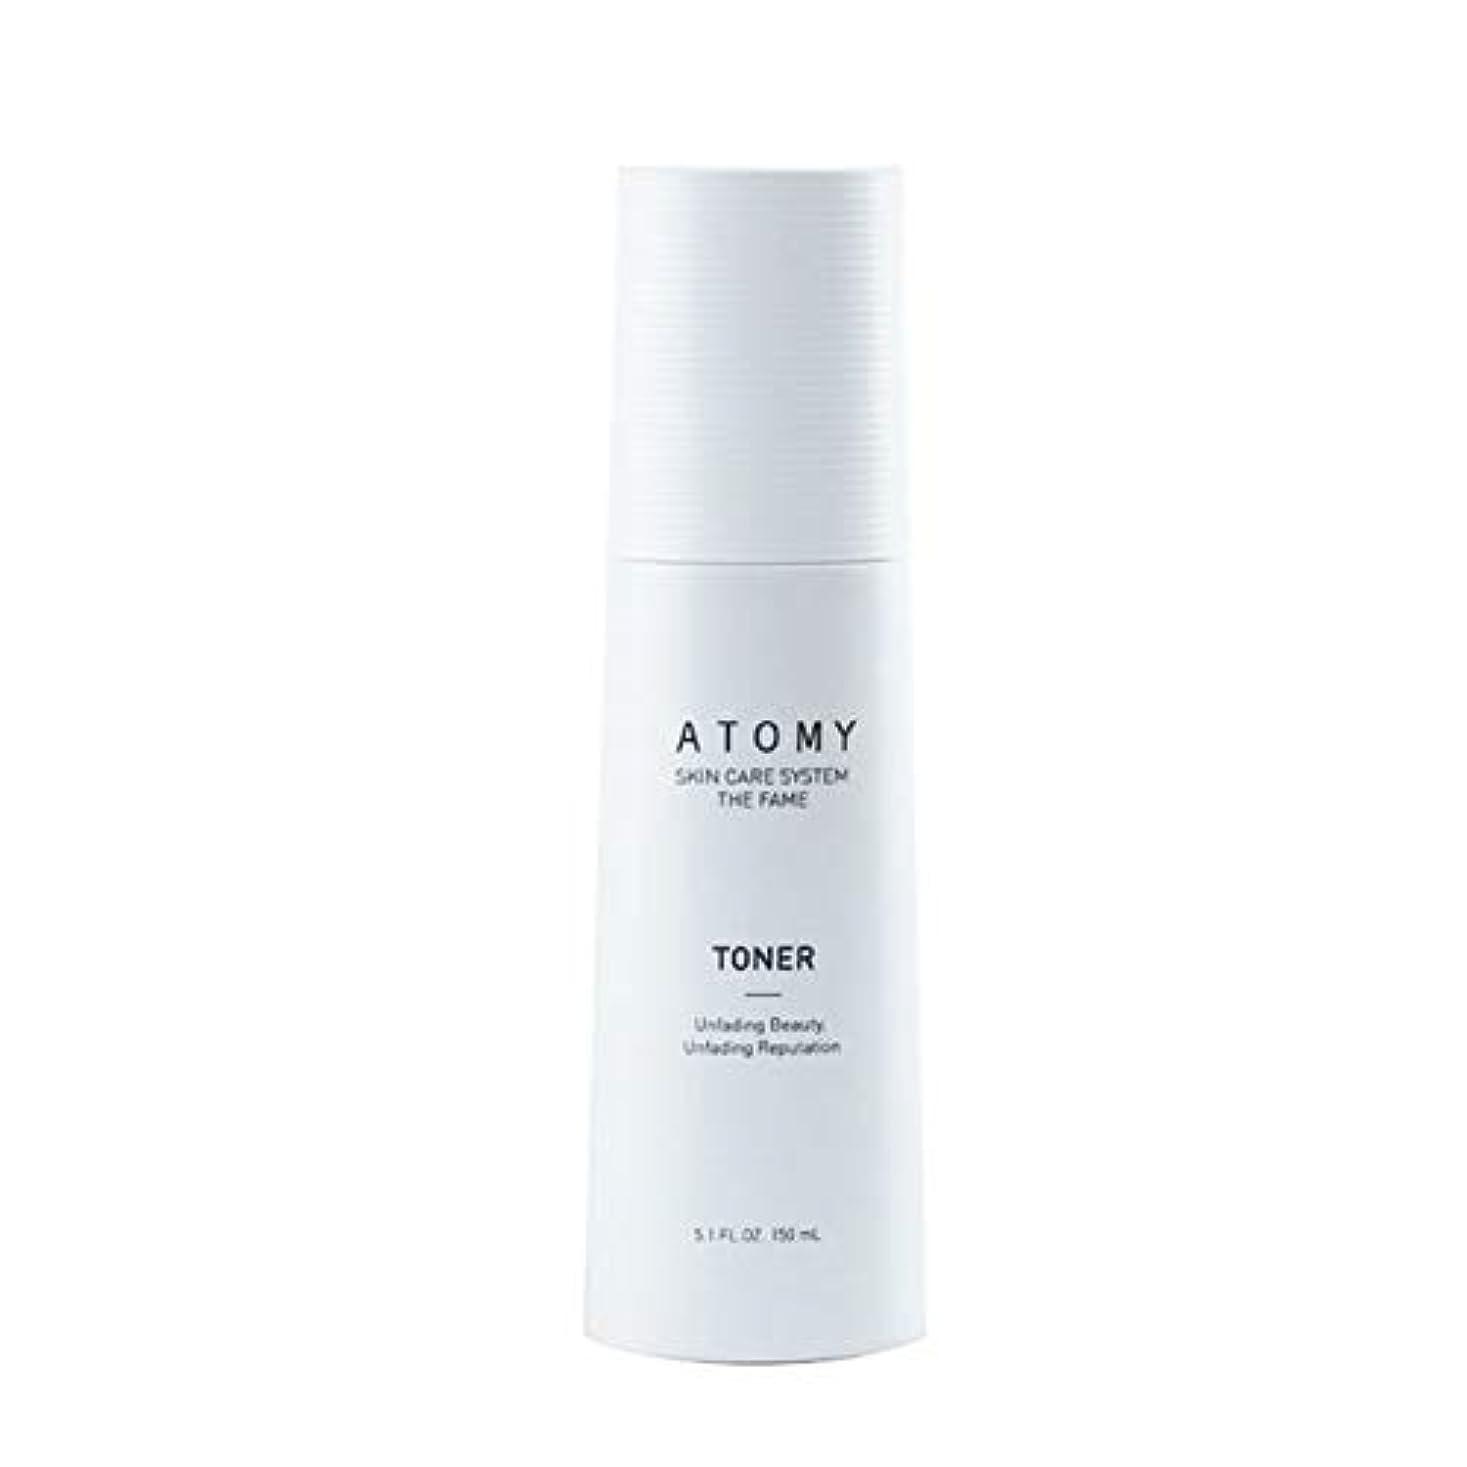 非常に夕方世界的にアトミザ・フェームトナー150ml韓国コスメ、Atomy The Fame Toner 150ml Korean Cosmetics [並行輸入品]